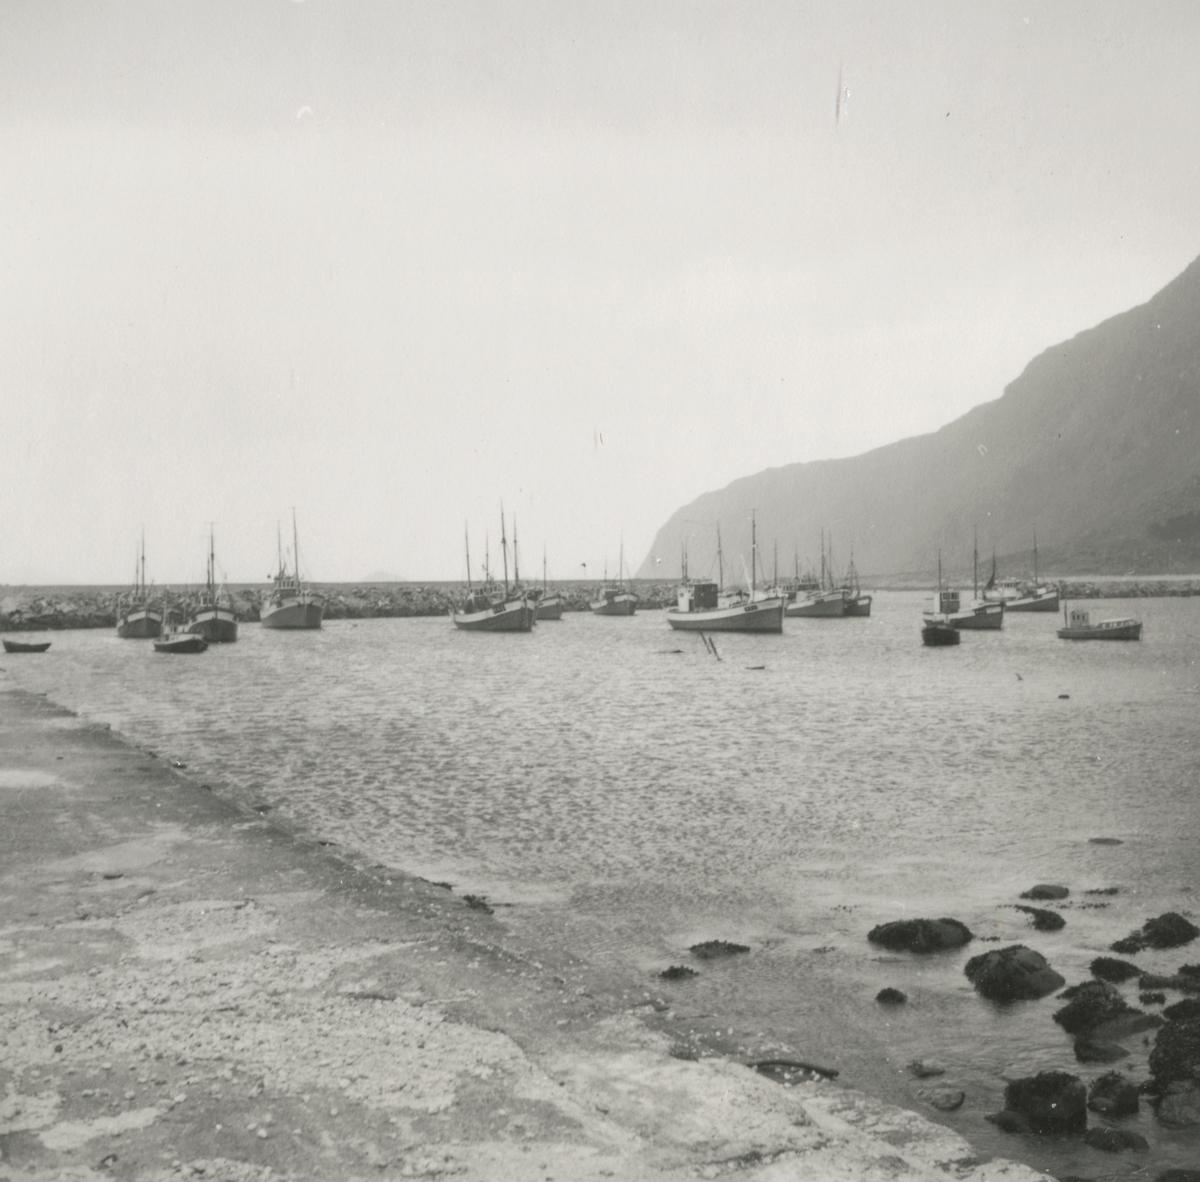 Oversiktsbilder av havneanlegget på Alnes, Godøy.(speilvendt)